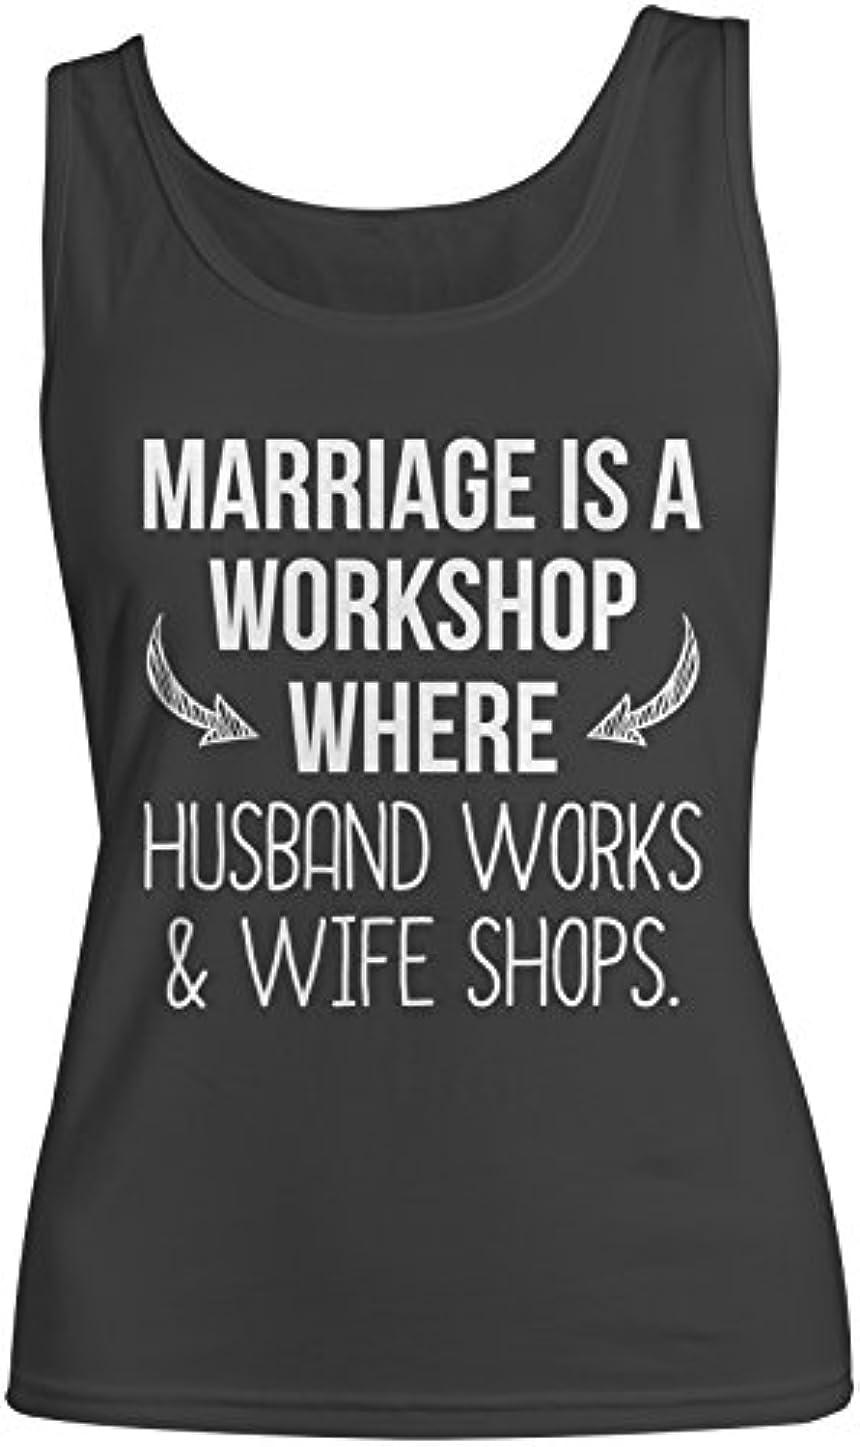 凍る暫定セーブMarriage Is A Workshop おかしいです 皮肉な Husband Wife レディース Tank Top Sleeveless Shirt